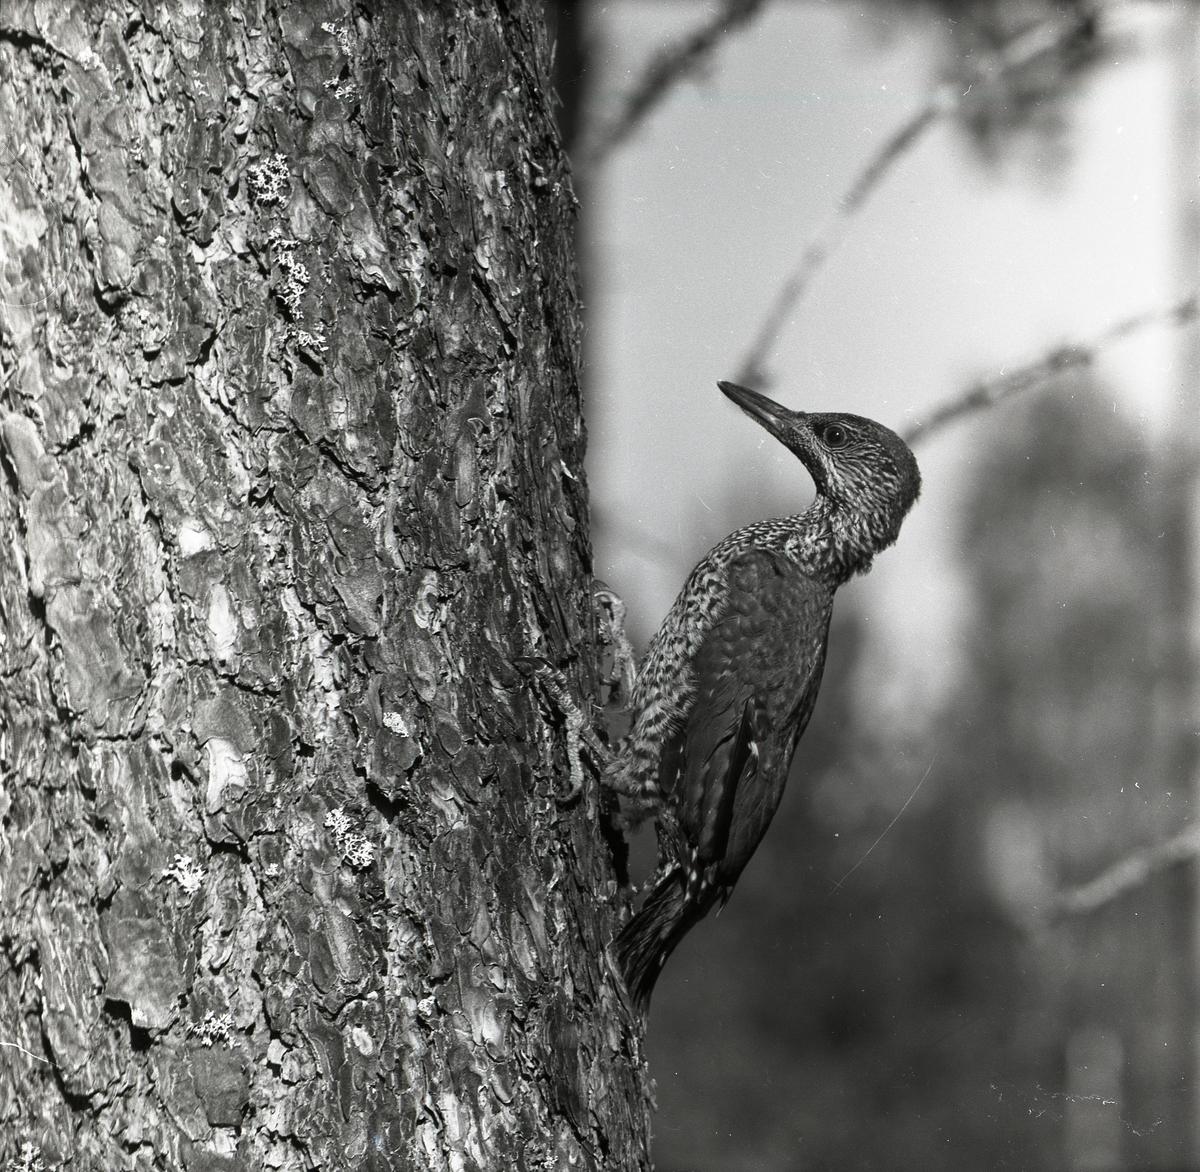 En gröngöling på en trädstam vid Vij fäbod i Trönö den 30 juni 1957.